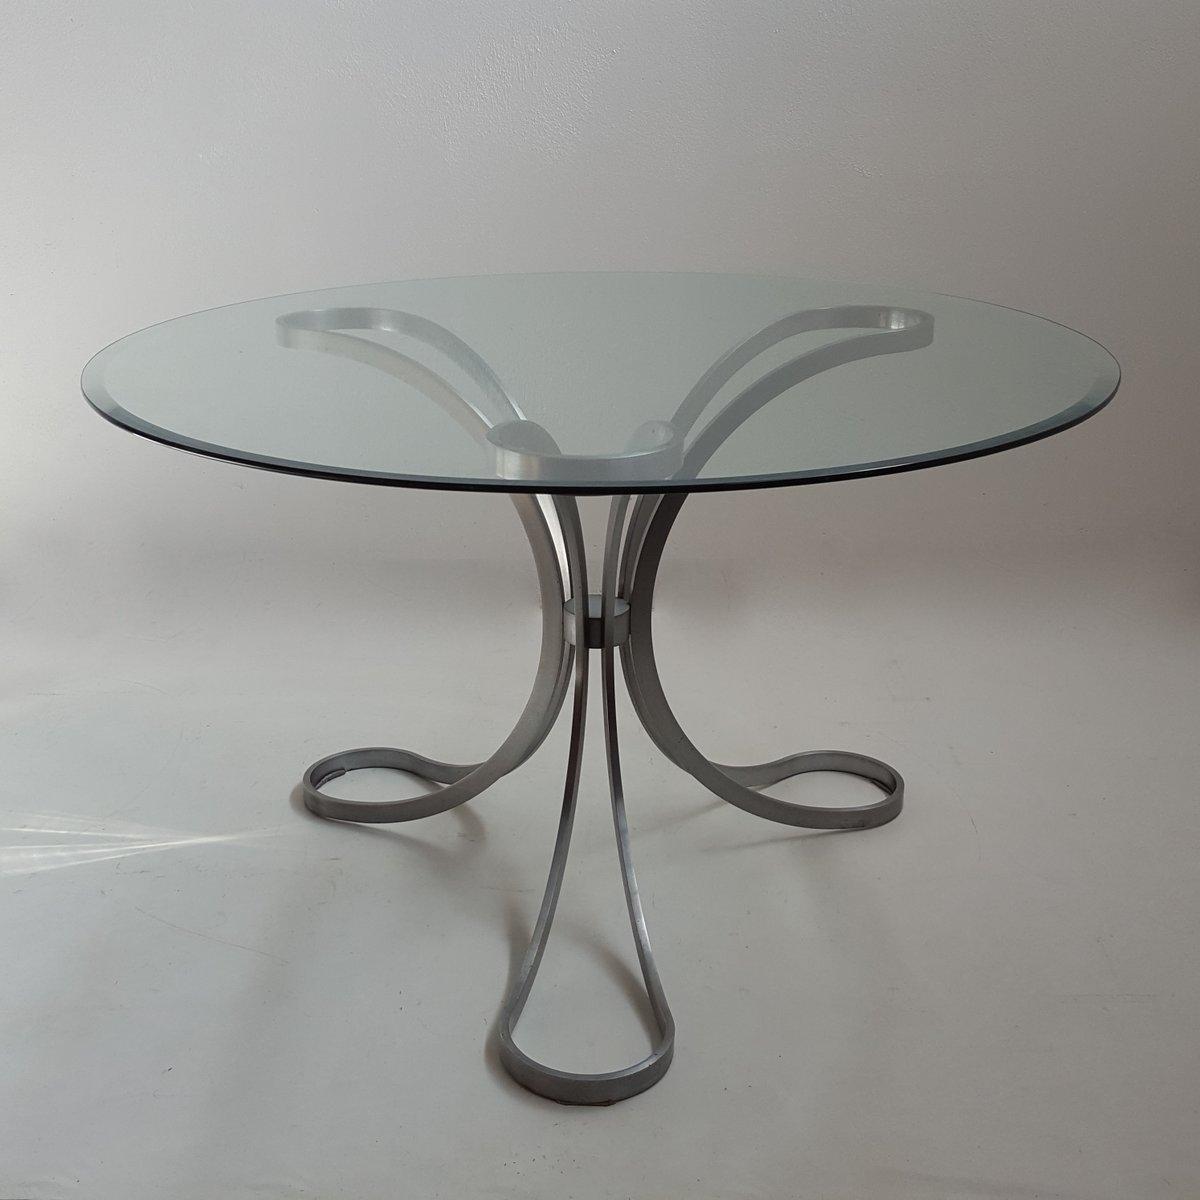 Runder Glastisch mit Dreibein Fuß, 1970er bei Pamono kaufen